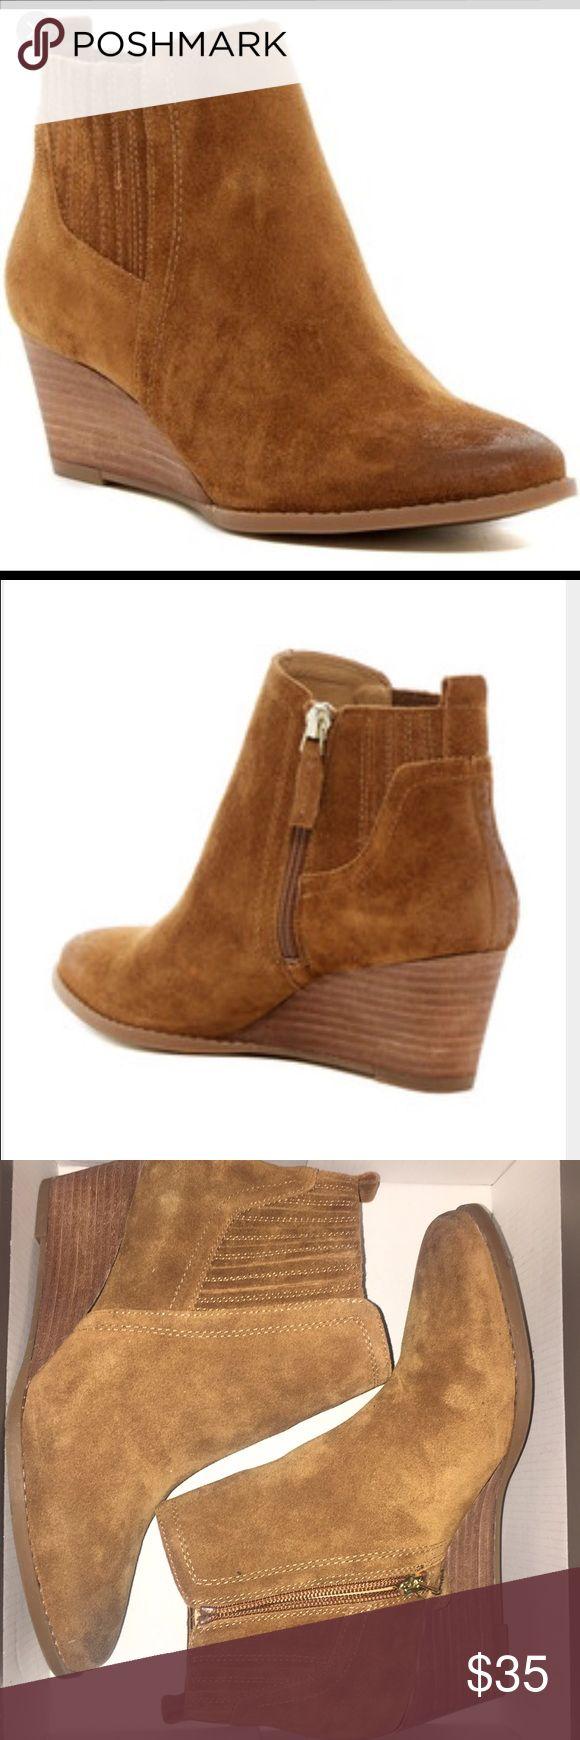 Franco Sarto brown wedge booties Cognac suede wedge bootie Franco Sarto Shoes Ankle Boots & Booties